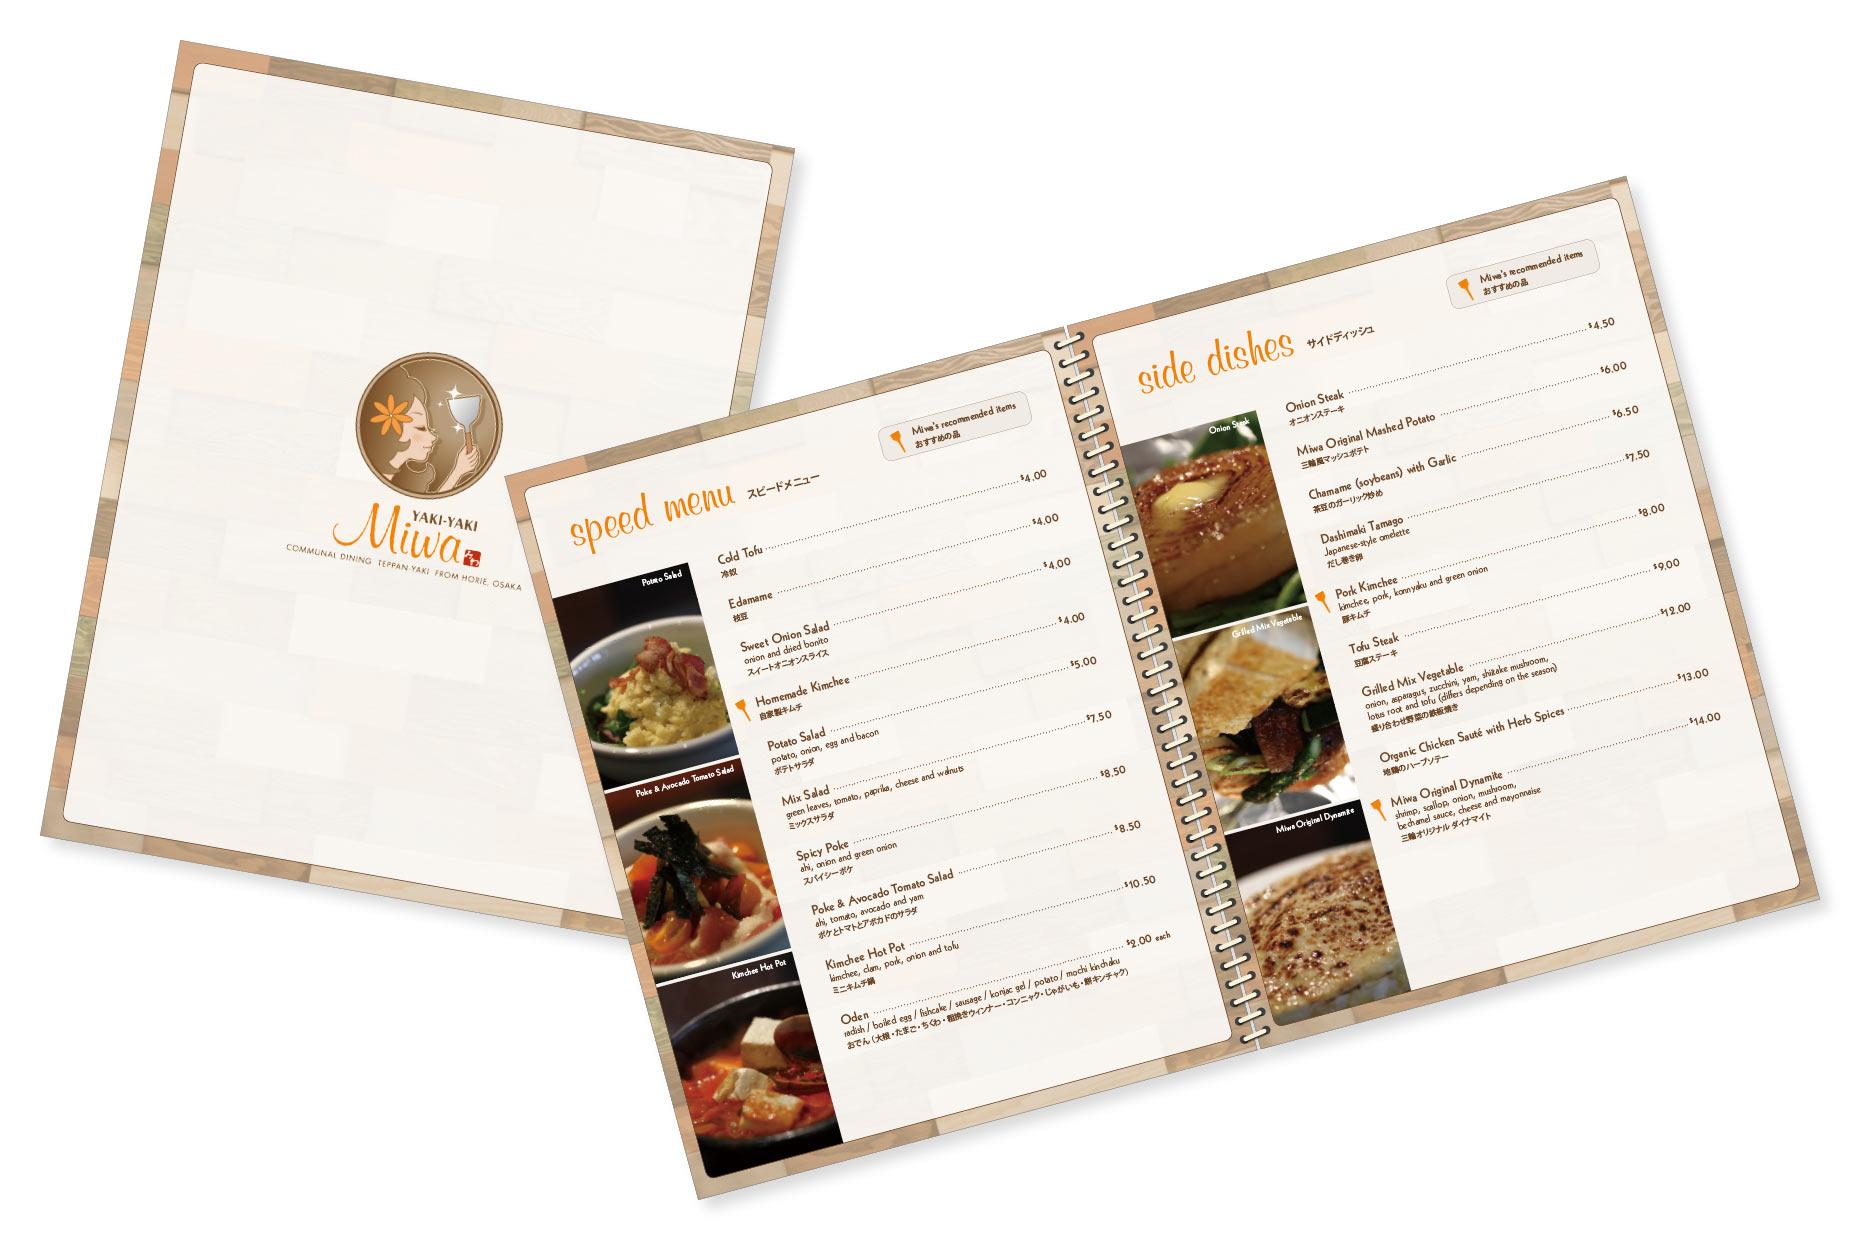 Yaki-yaki Miwa menu